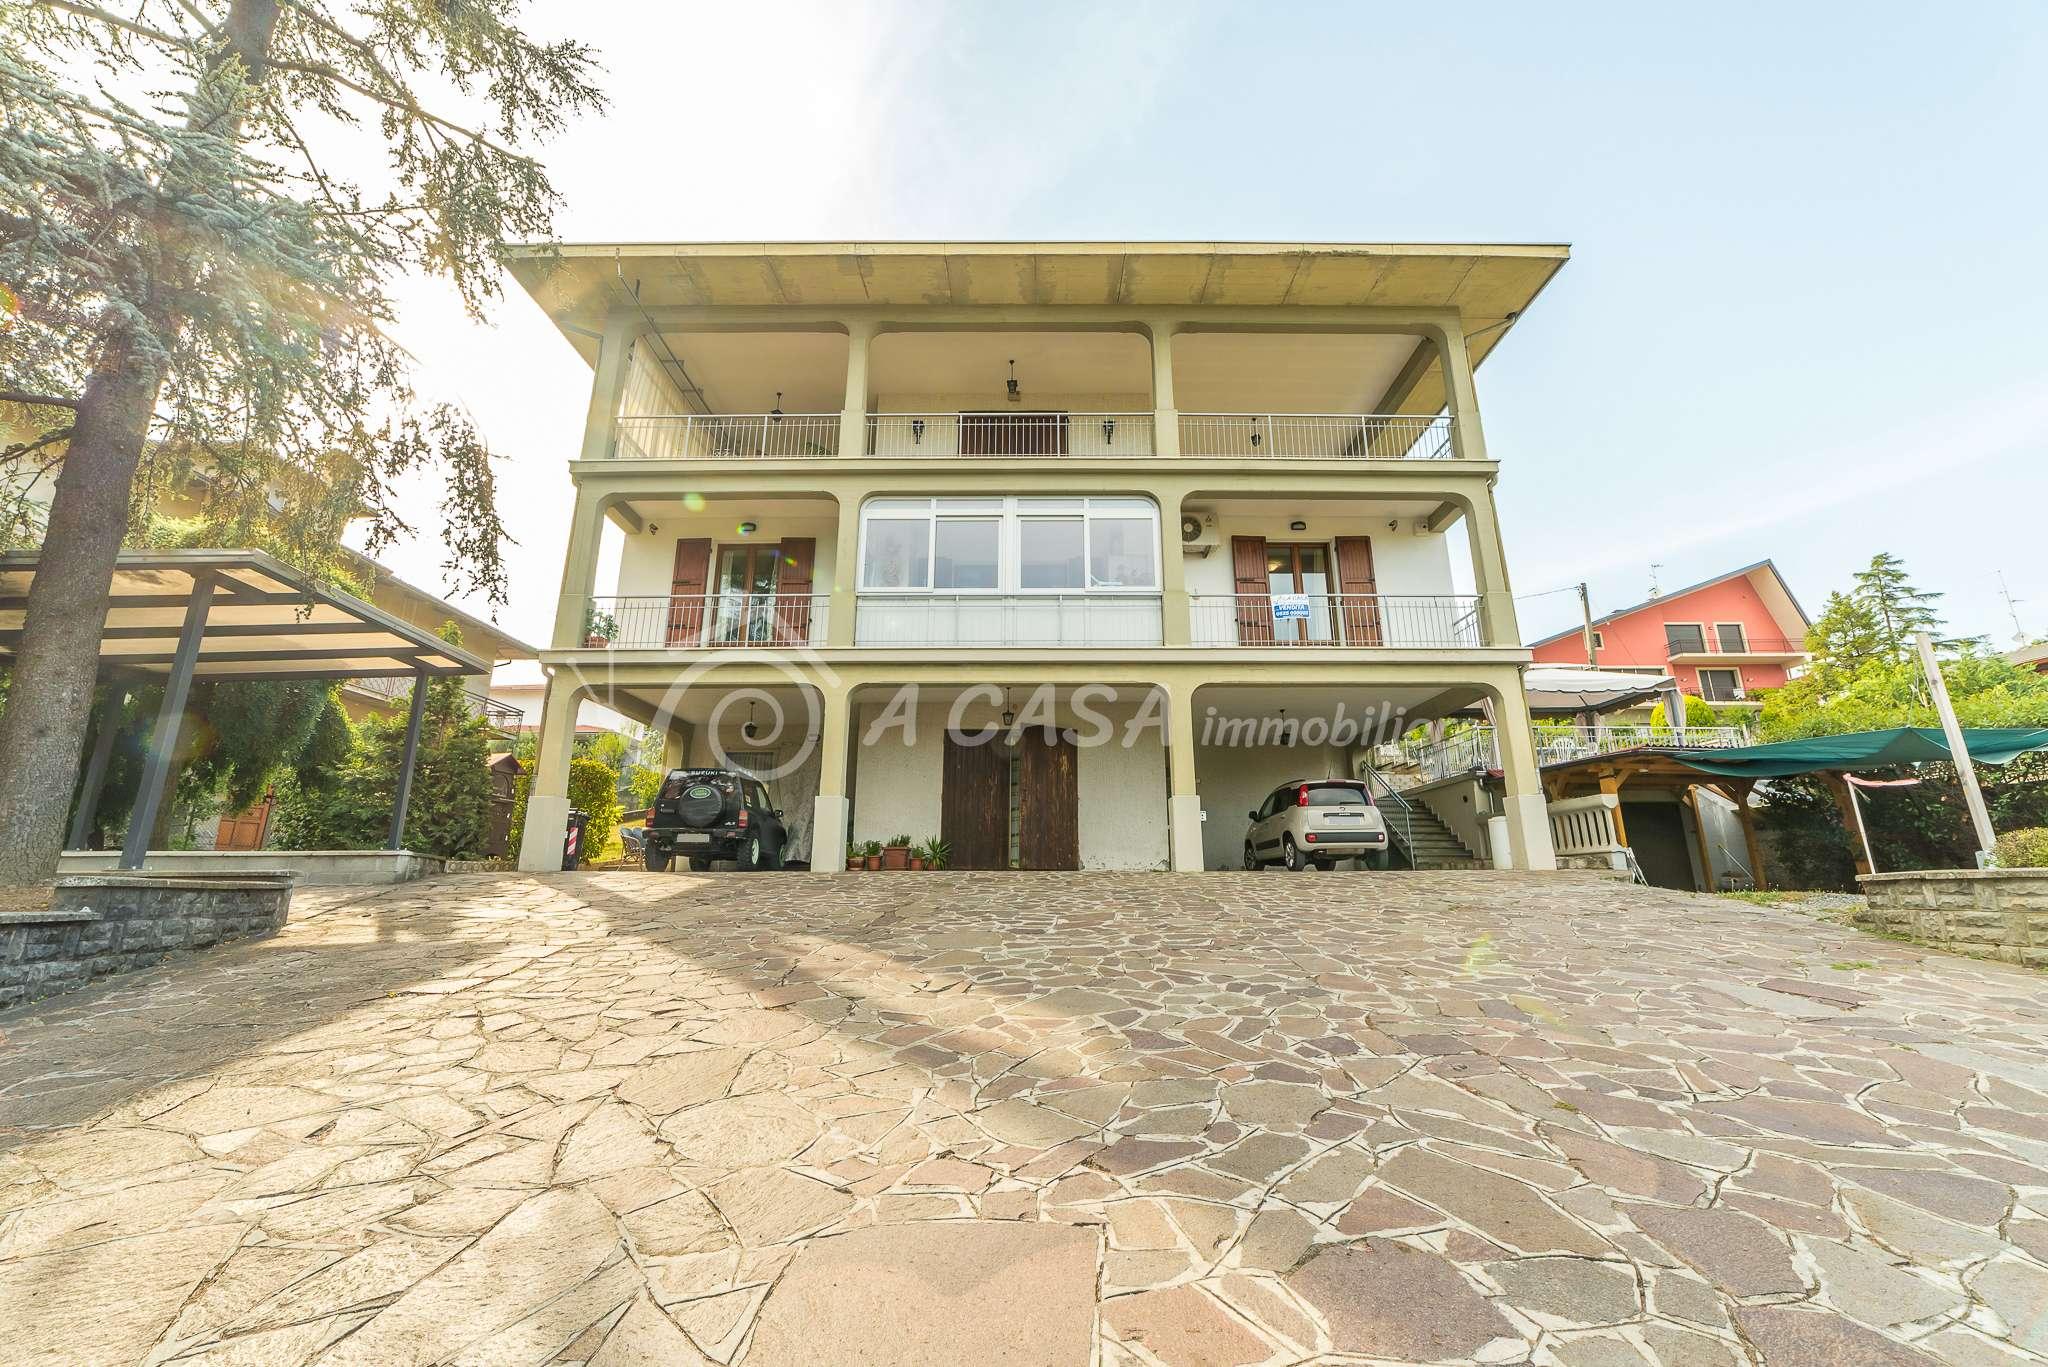 Appartamento in vendita a Medesano, 3 locali, prezzo € 160.000 | PortaleAgenzieImmobiliari.it